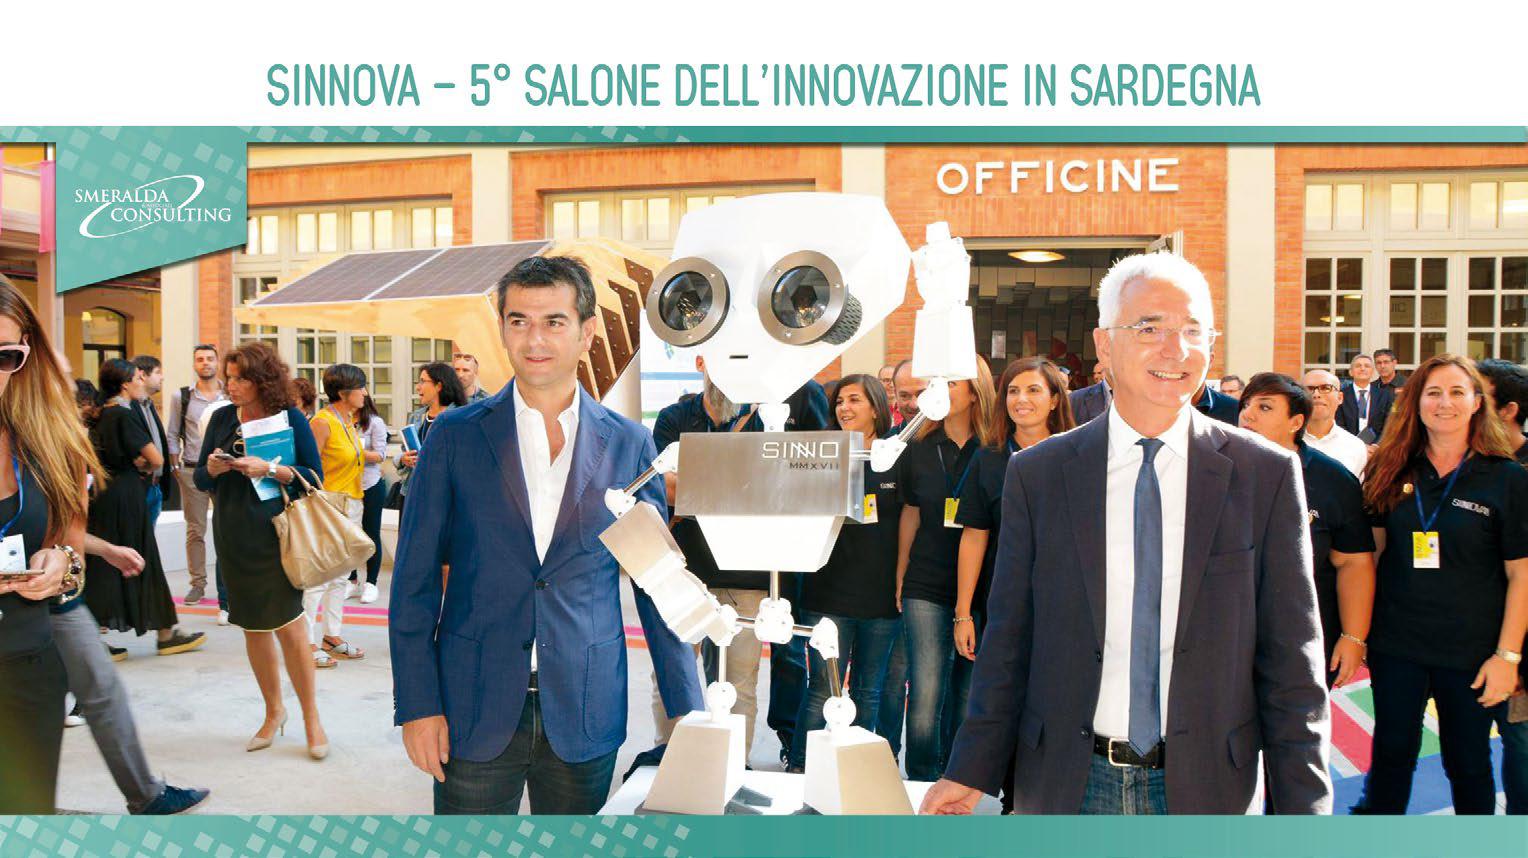 SINNOVA – 5 Salone dell'innovazione in Sardegna